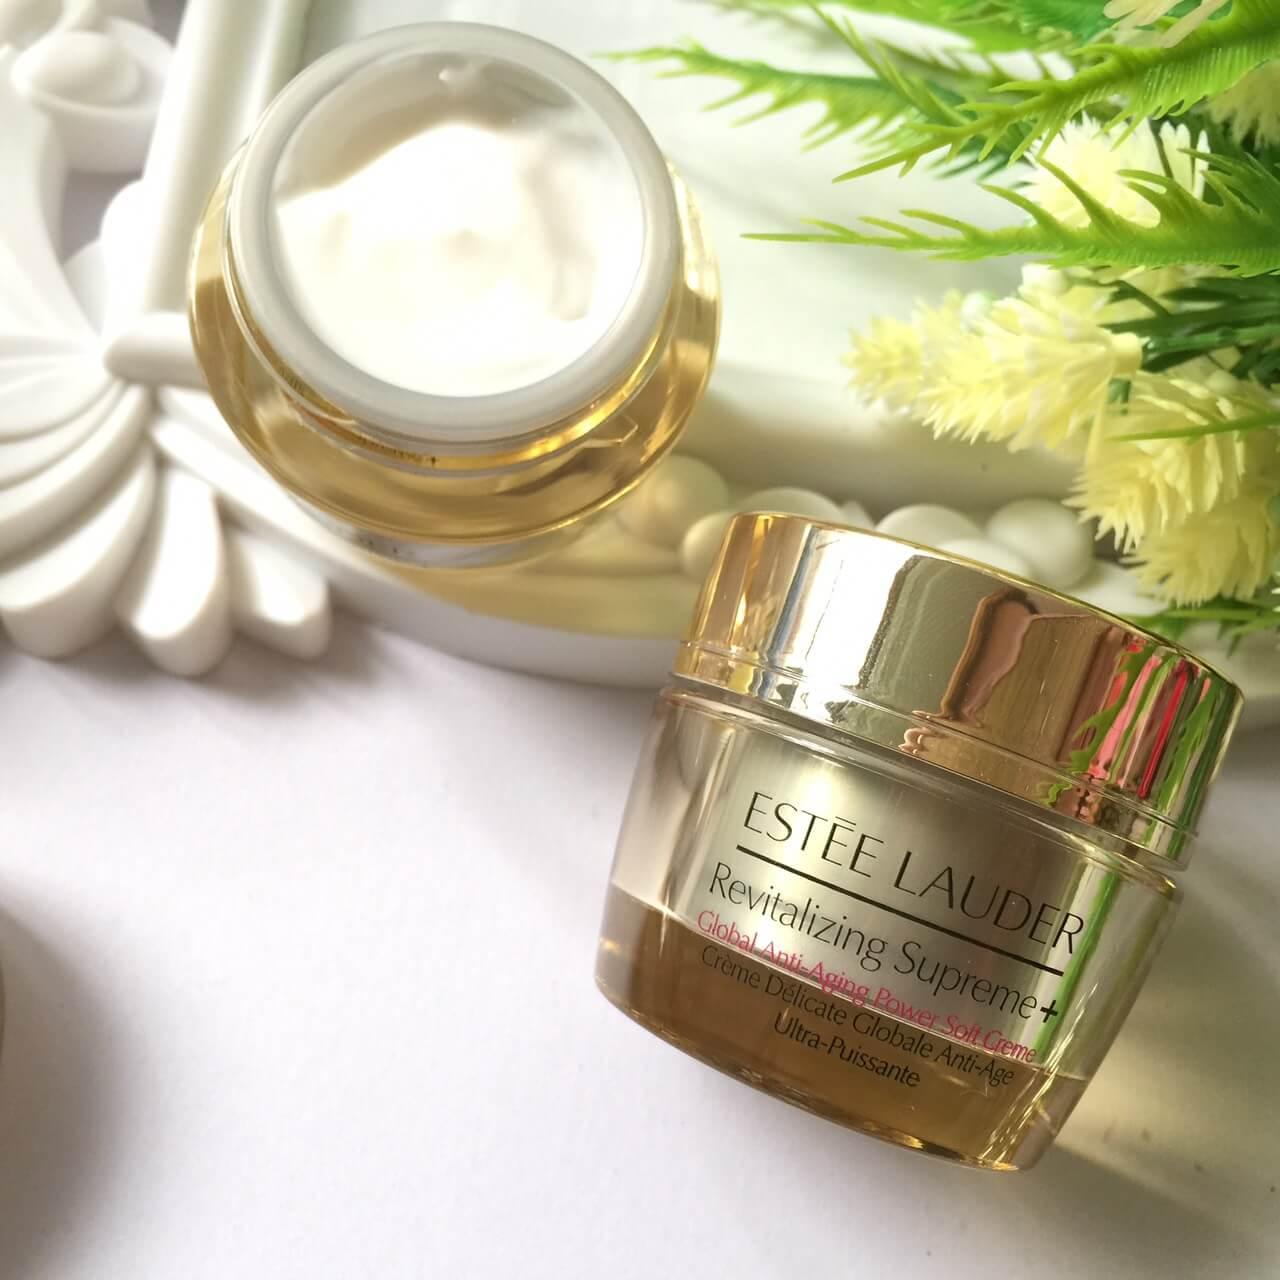 Estee Lauder,Revitalizing Supreme,Global Anti-Aging Power Soft Creme,ครีมEstee Lauder,Revitalizing Supremeรีวิว